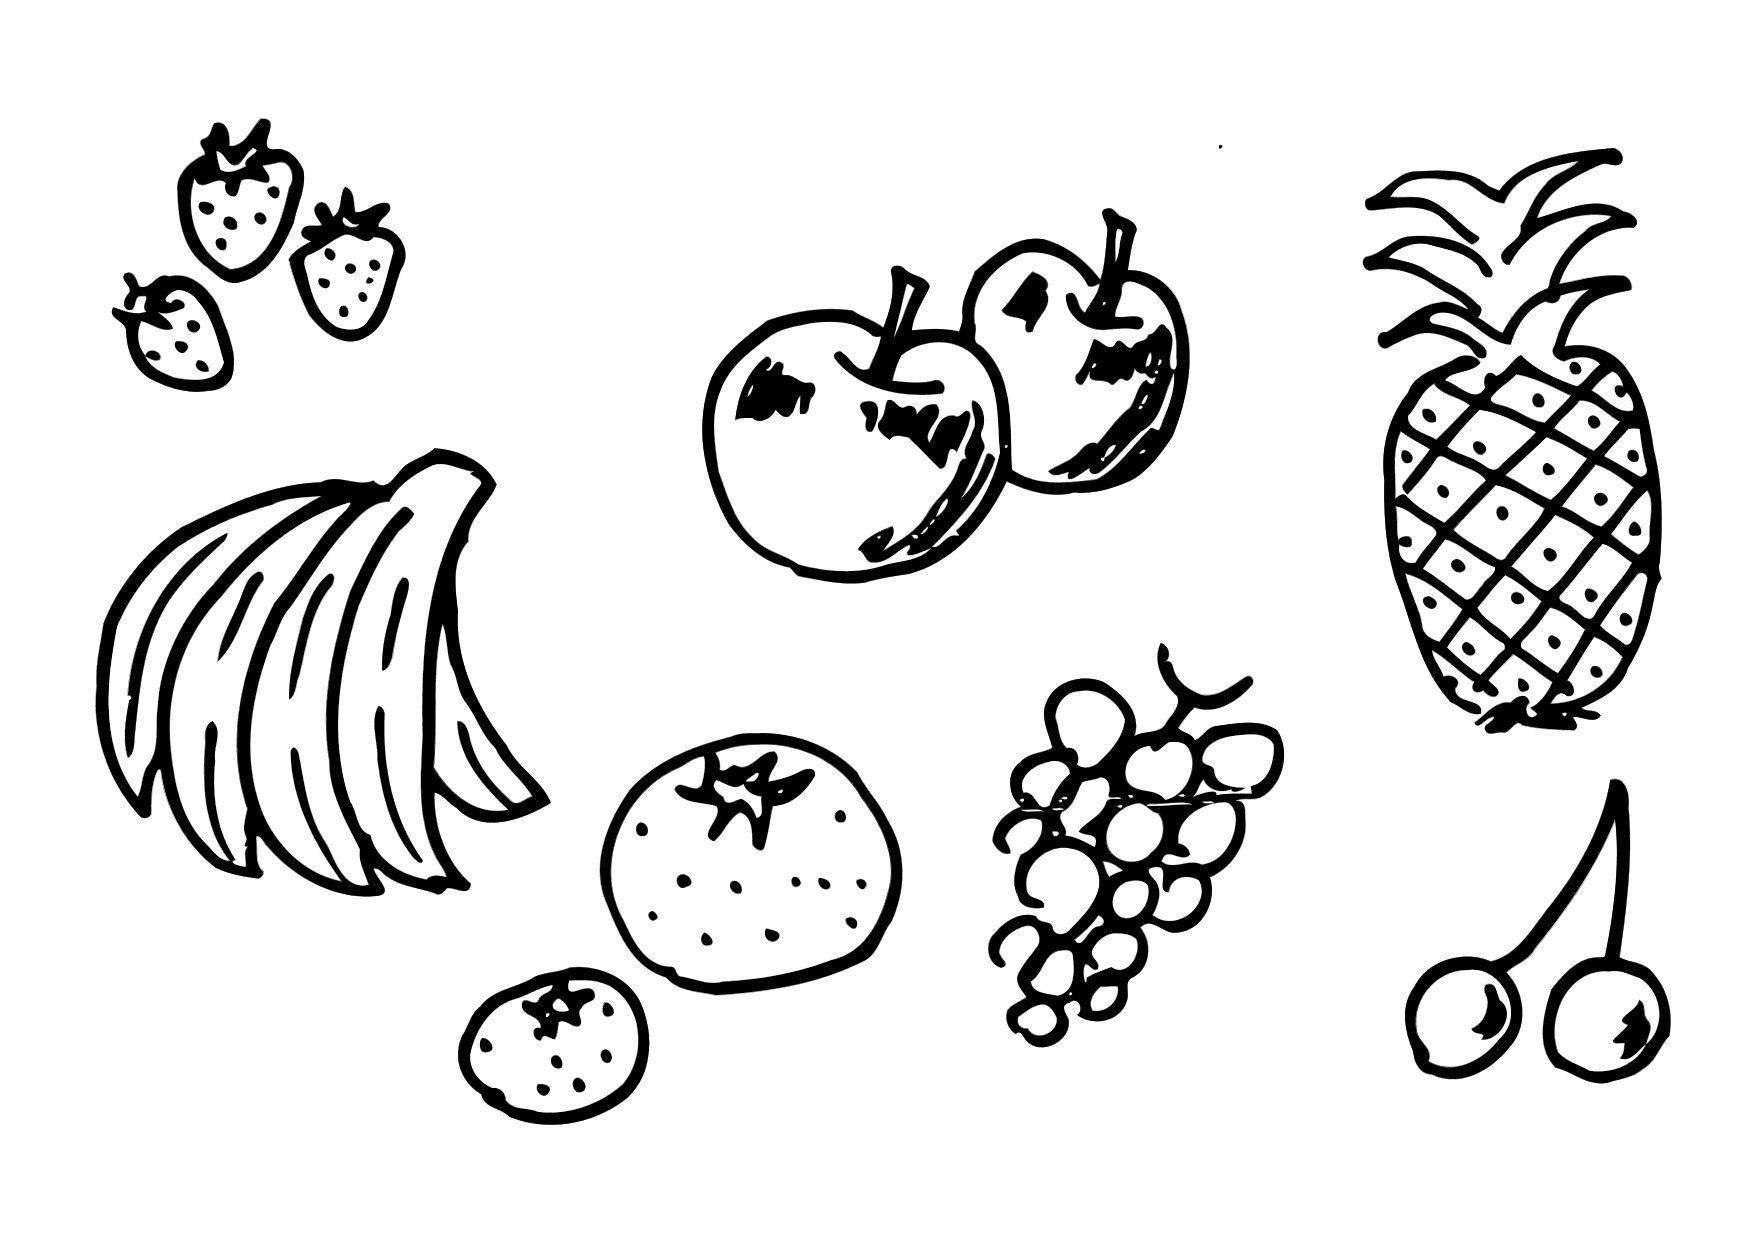 Disegno Da Colorare Frutta Disegni Da Colorare E Stampare Gratis Imm 12300